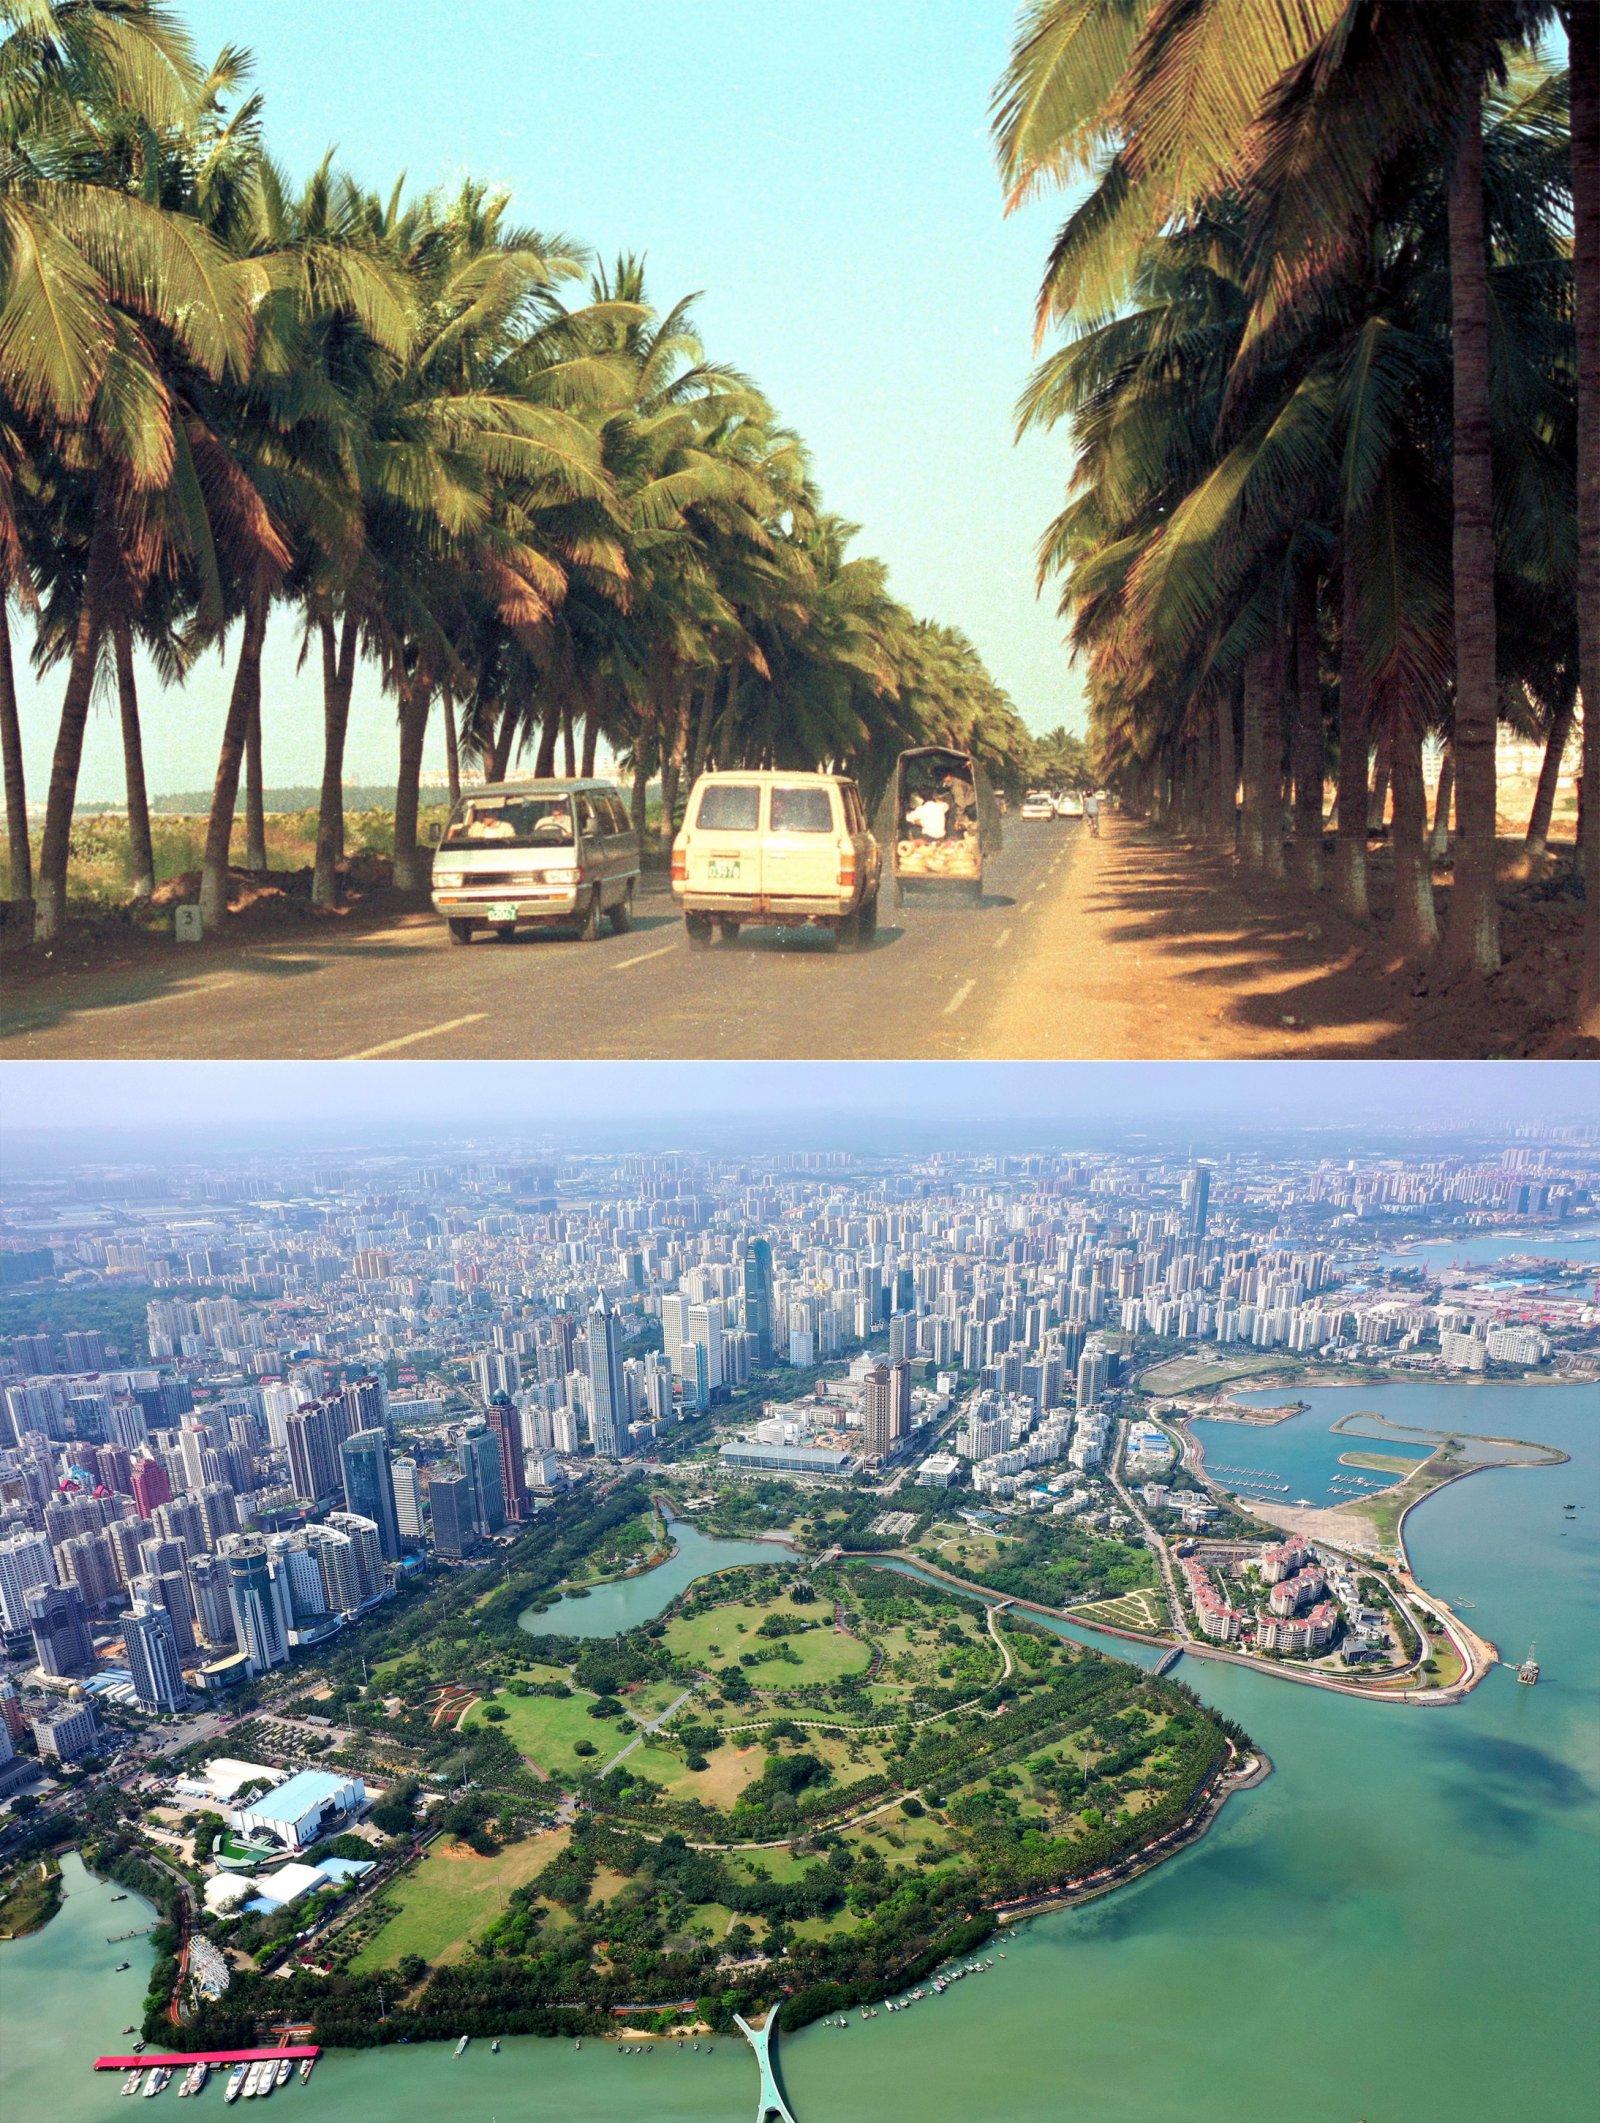 上圖為海口市濱海大道(1990年1月10日攝);下圖為海口市濱海大道兩側街景(2021年3月18日攝,無人機照片)。新華社